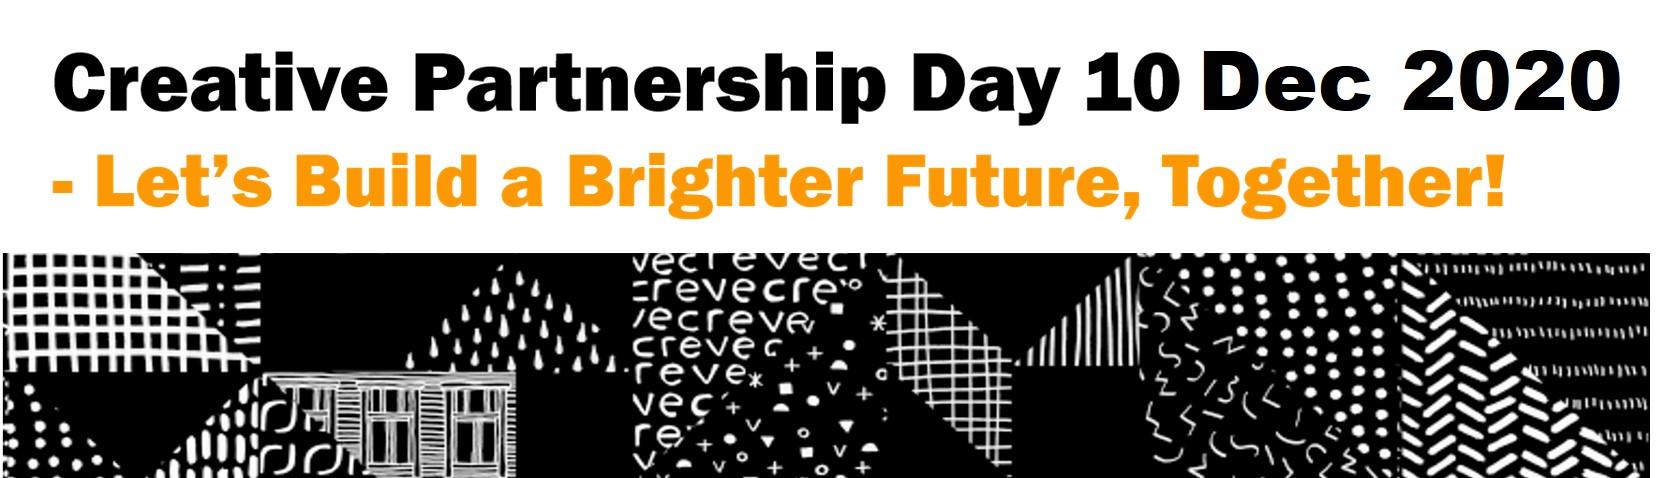 Kuvituskuva: Creative Partnership Day 10 Dec 2020